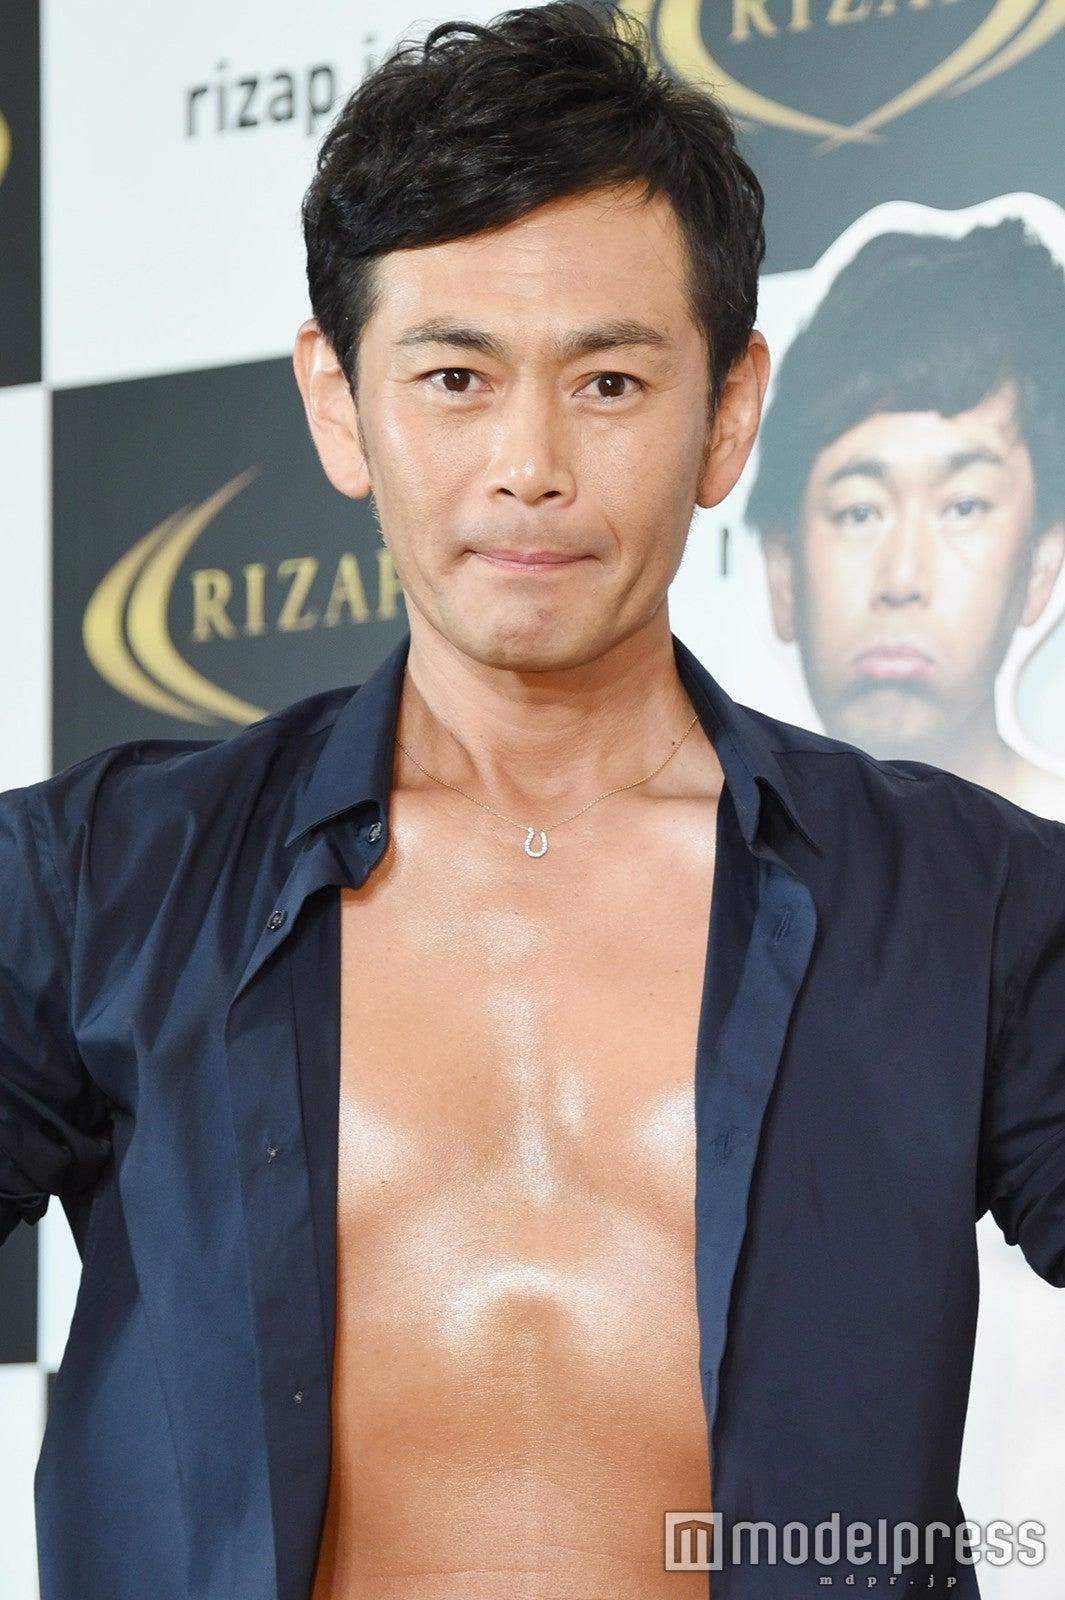 ココリコ遠藤章造,2ヶ月半で10kg減 肉體美披露で妻のサポートに感謝 - モデルプレス